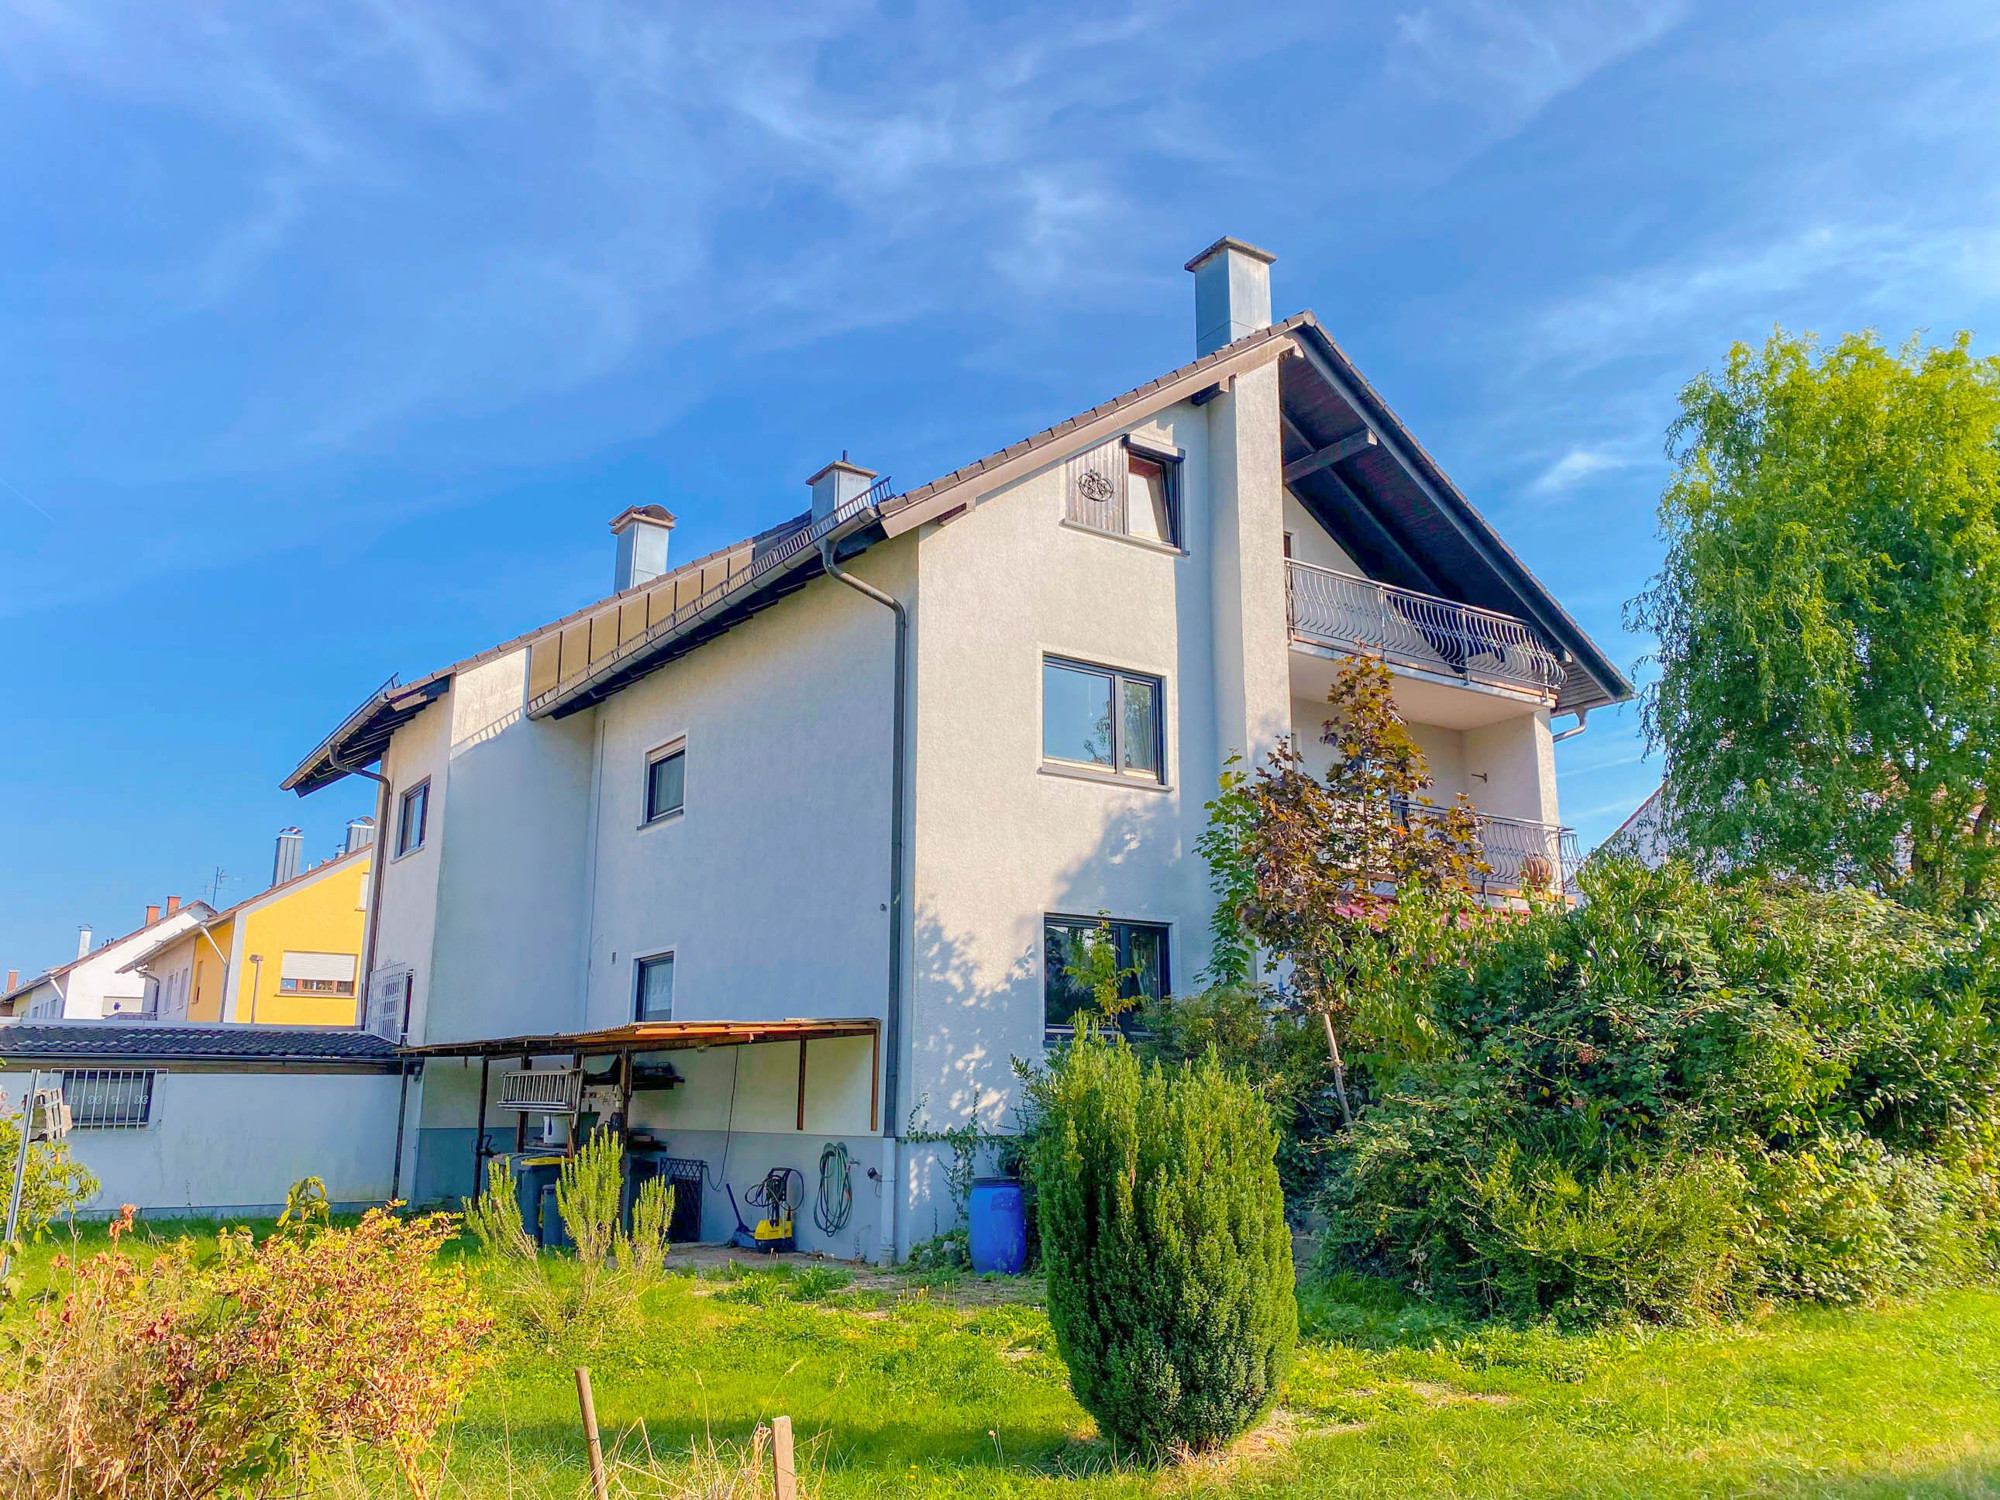 Große Doppelhaushälfte mit Garage in guter Lage von Kuppenheim